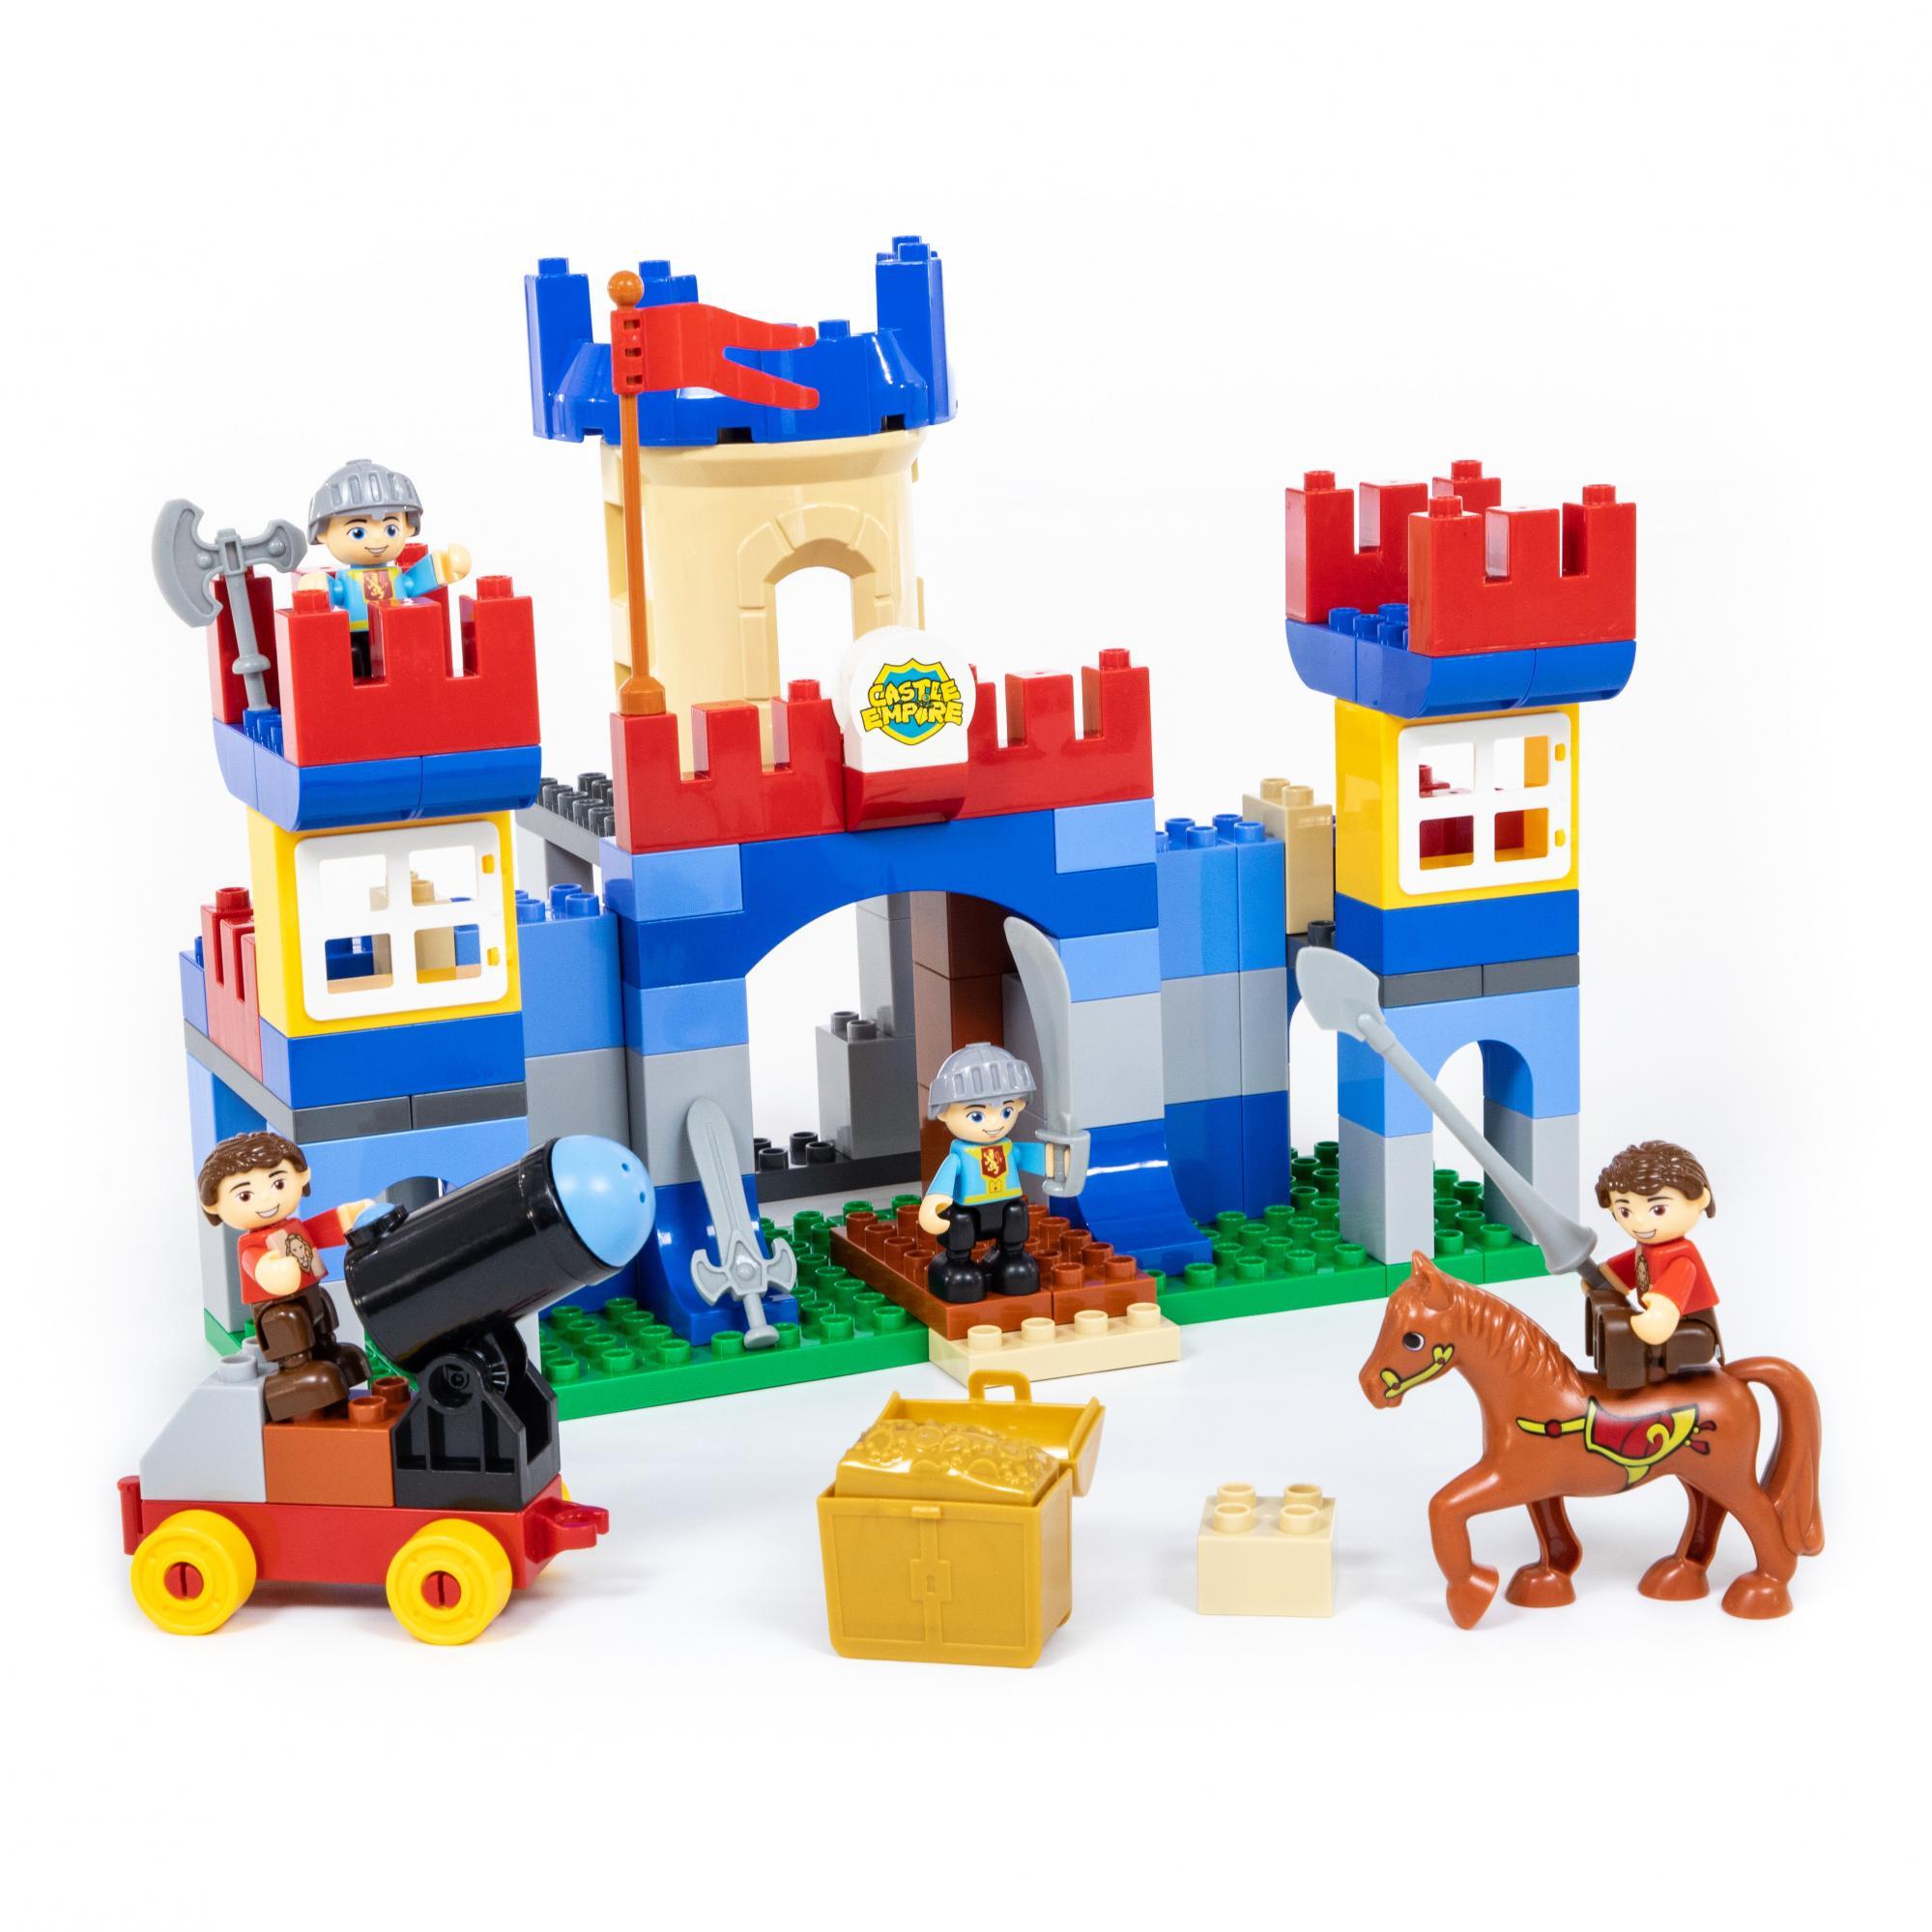 Купить Конструктор из серии Макси – Замок, 120 элементов, в коробке, Полесье